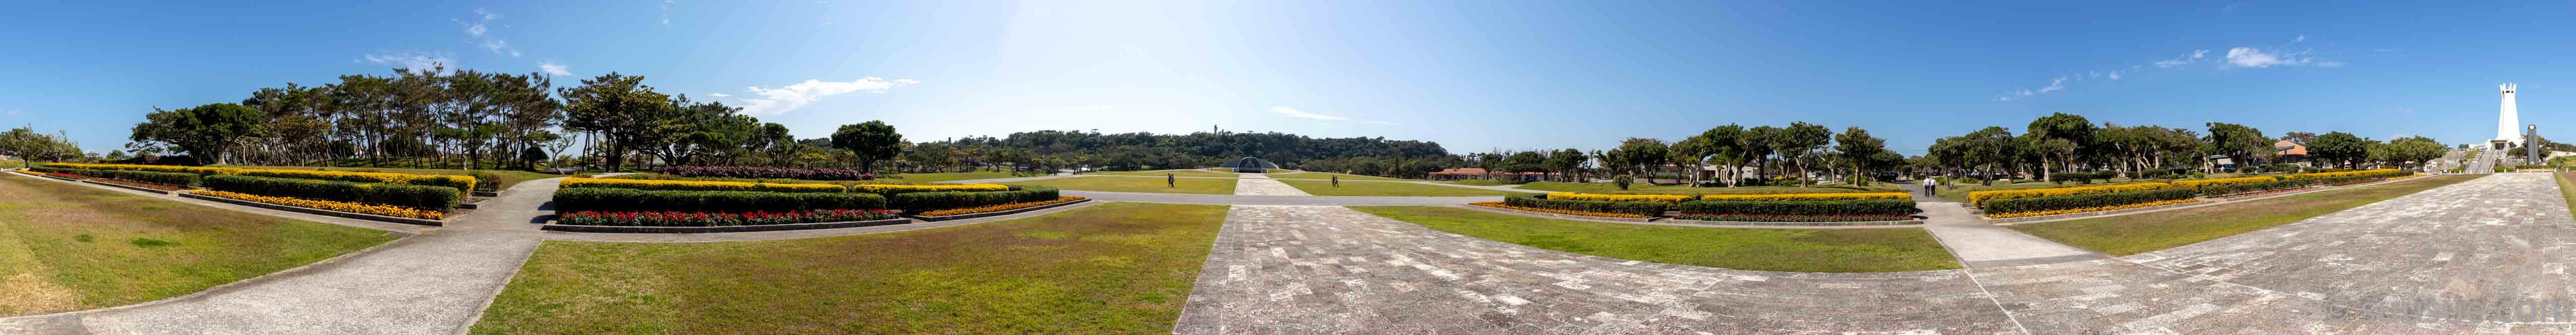 沖縄平和祈念公園式典広場